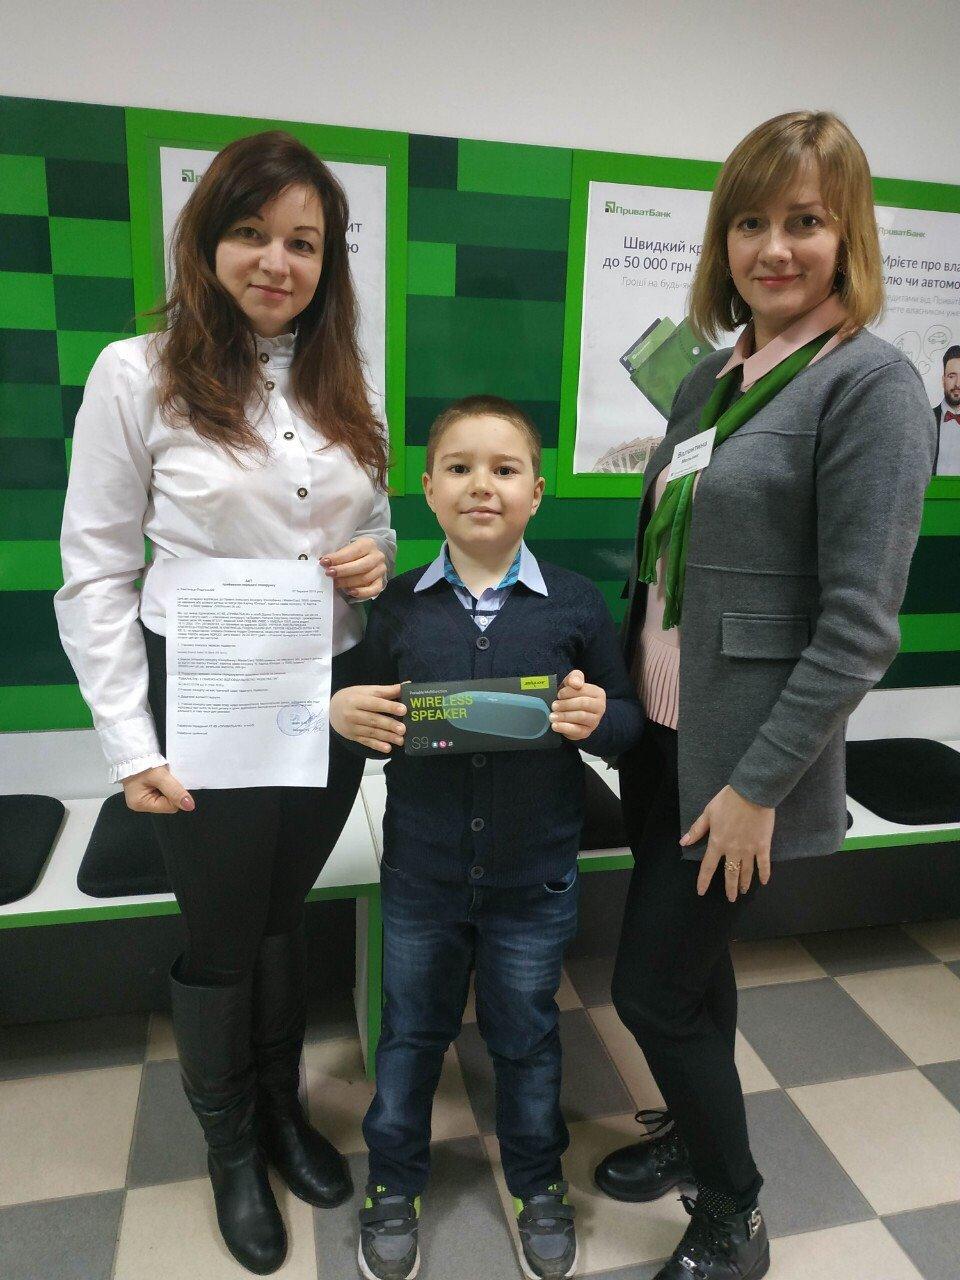 Школяр з Кам'янця-Подільського переміг в акції ПриватБанку завдяки своїй мамі, фото-1